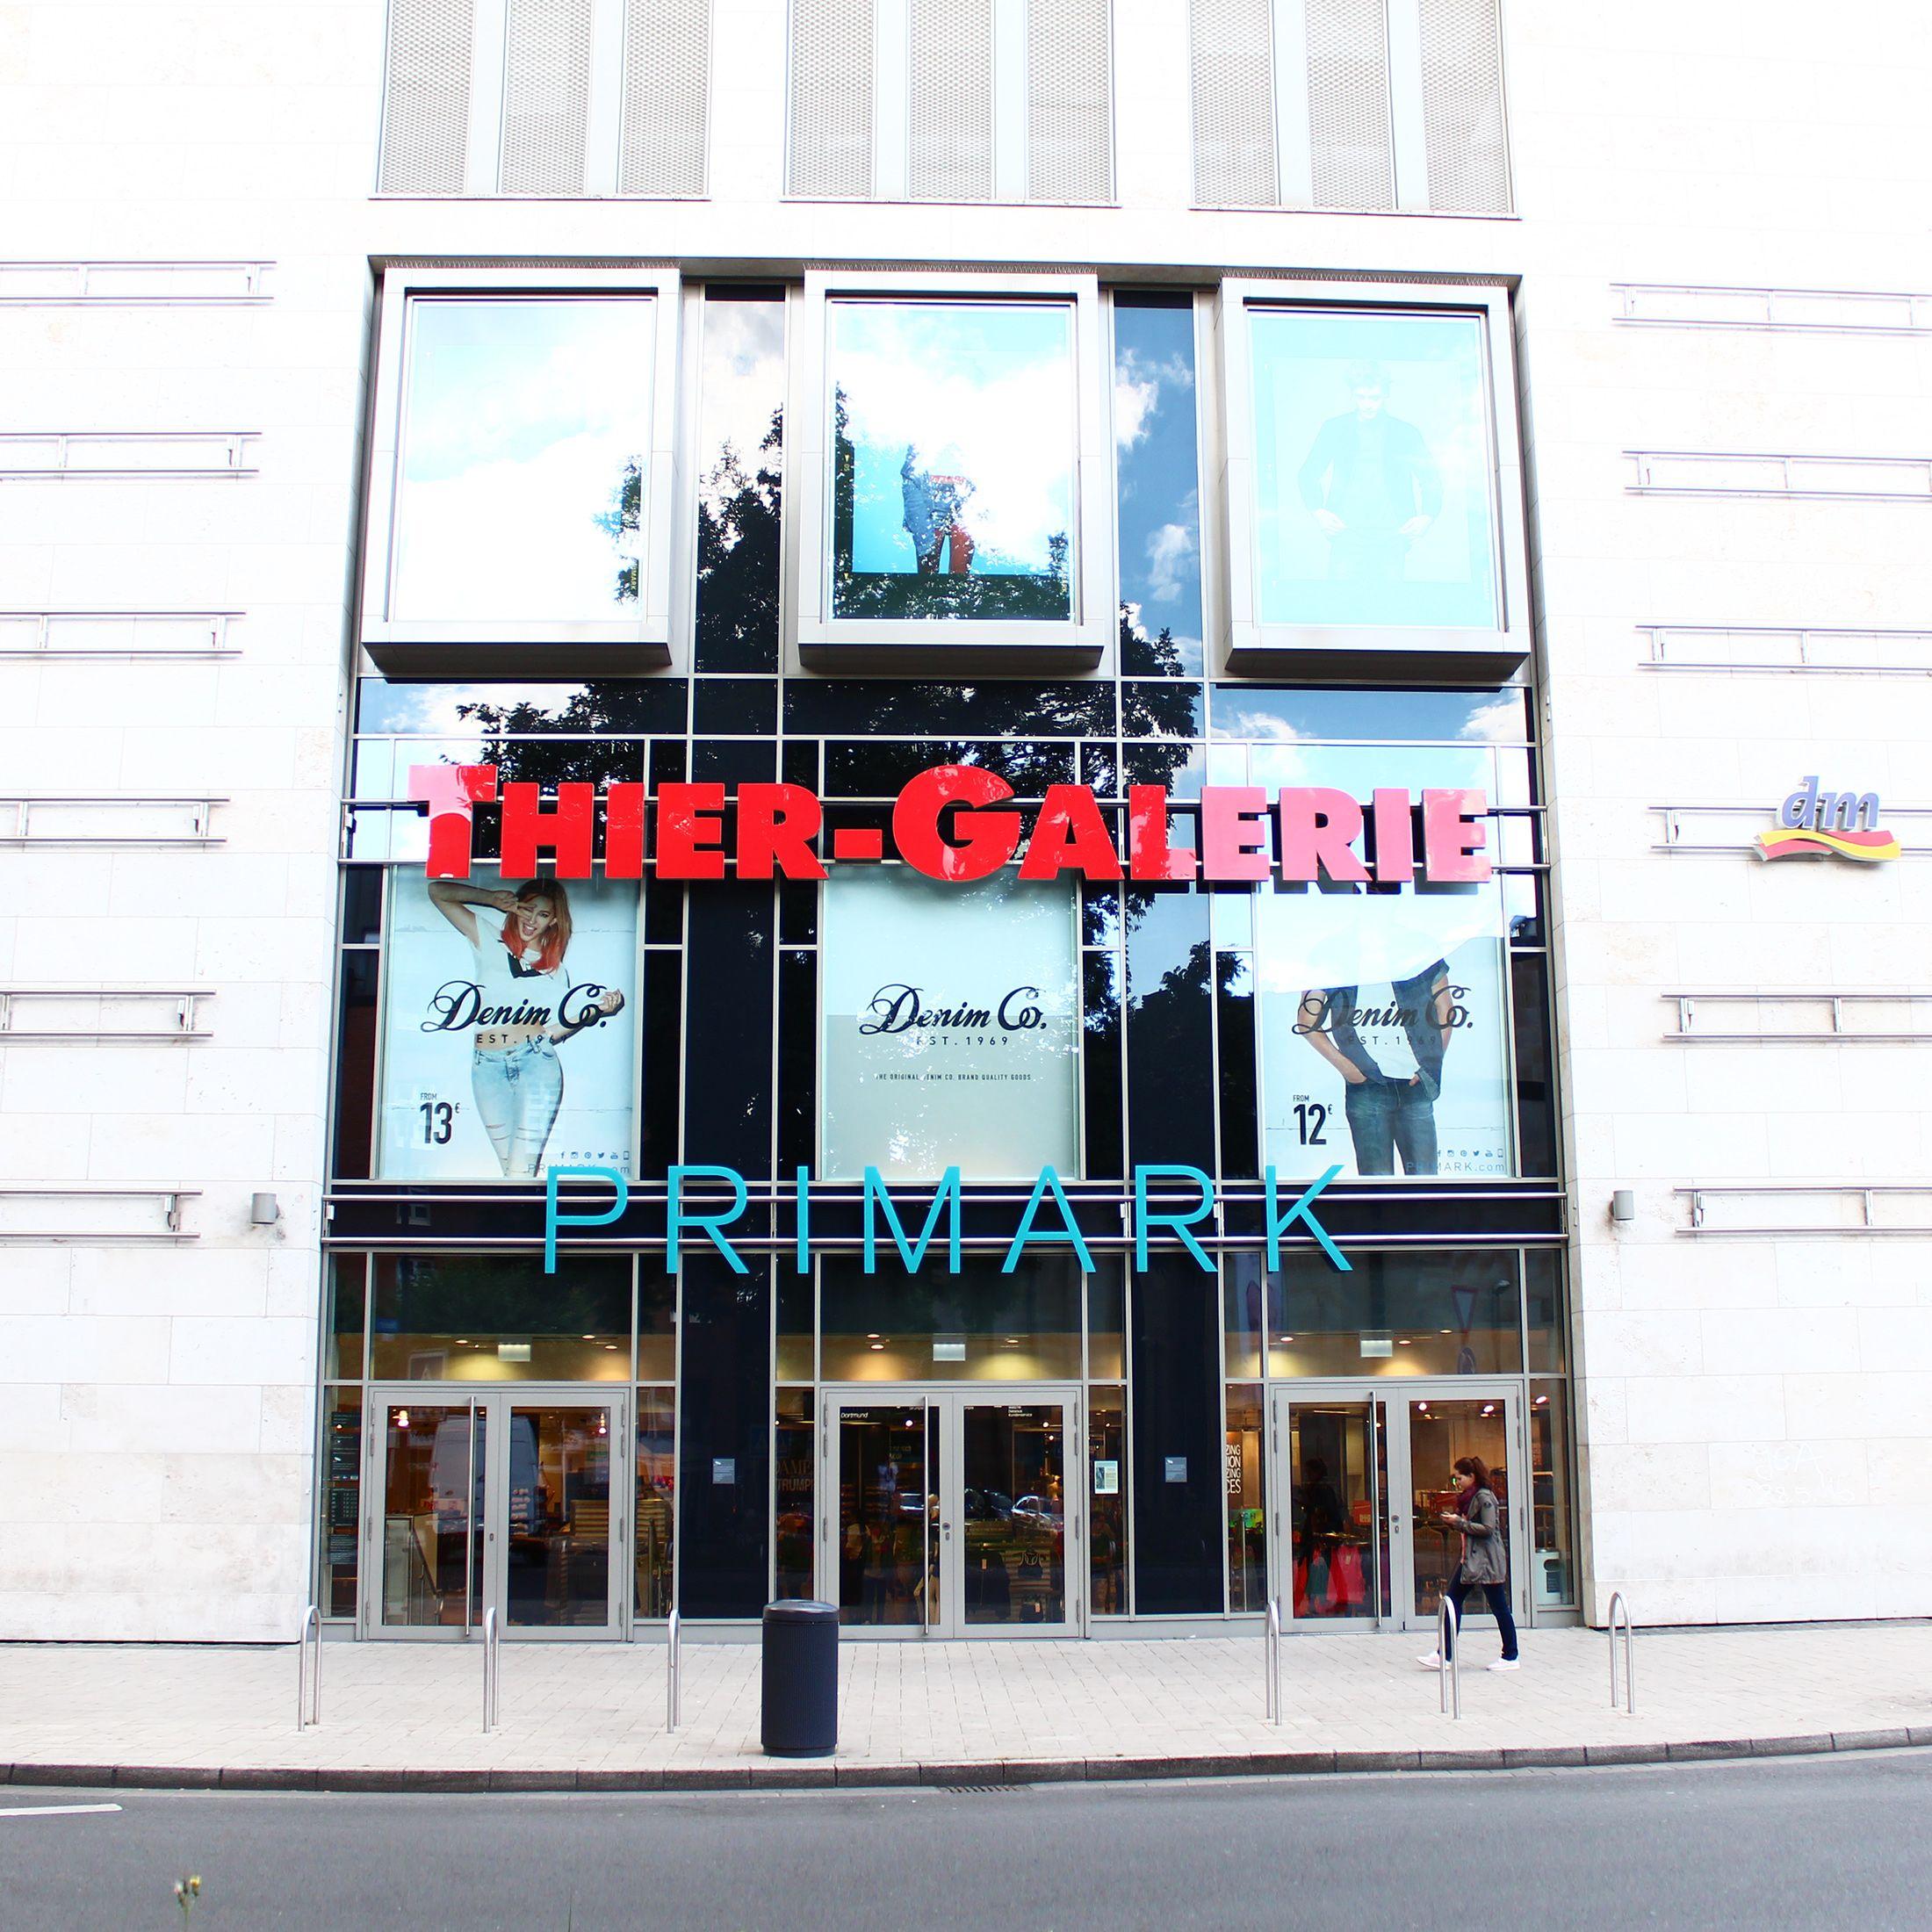 Kommt Shoppen Ihr Lieben Thiergalerie Thiergaleriedortmund Ameliesbloggerland Shoppingdortmund Primark Dortmundcity Kommtsh Dortmund Westfalen Primark